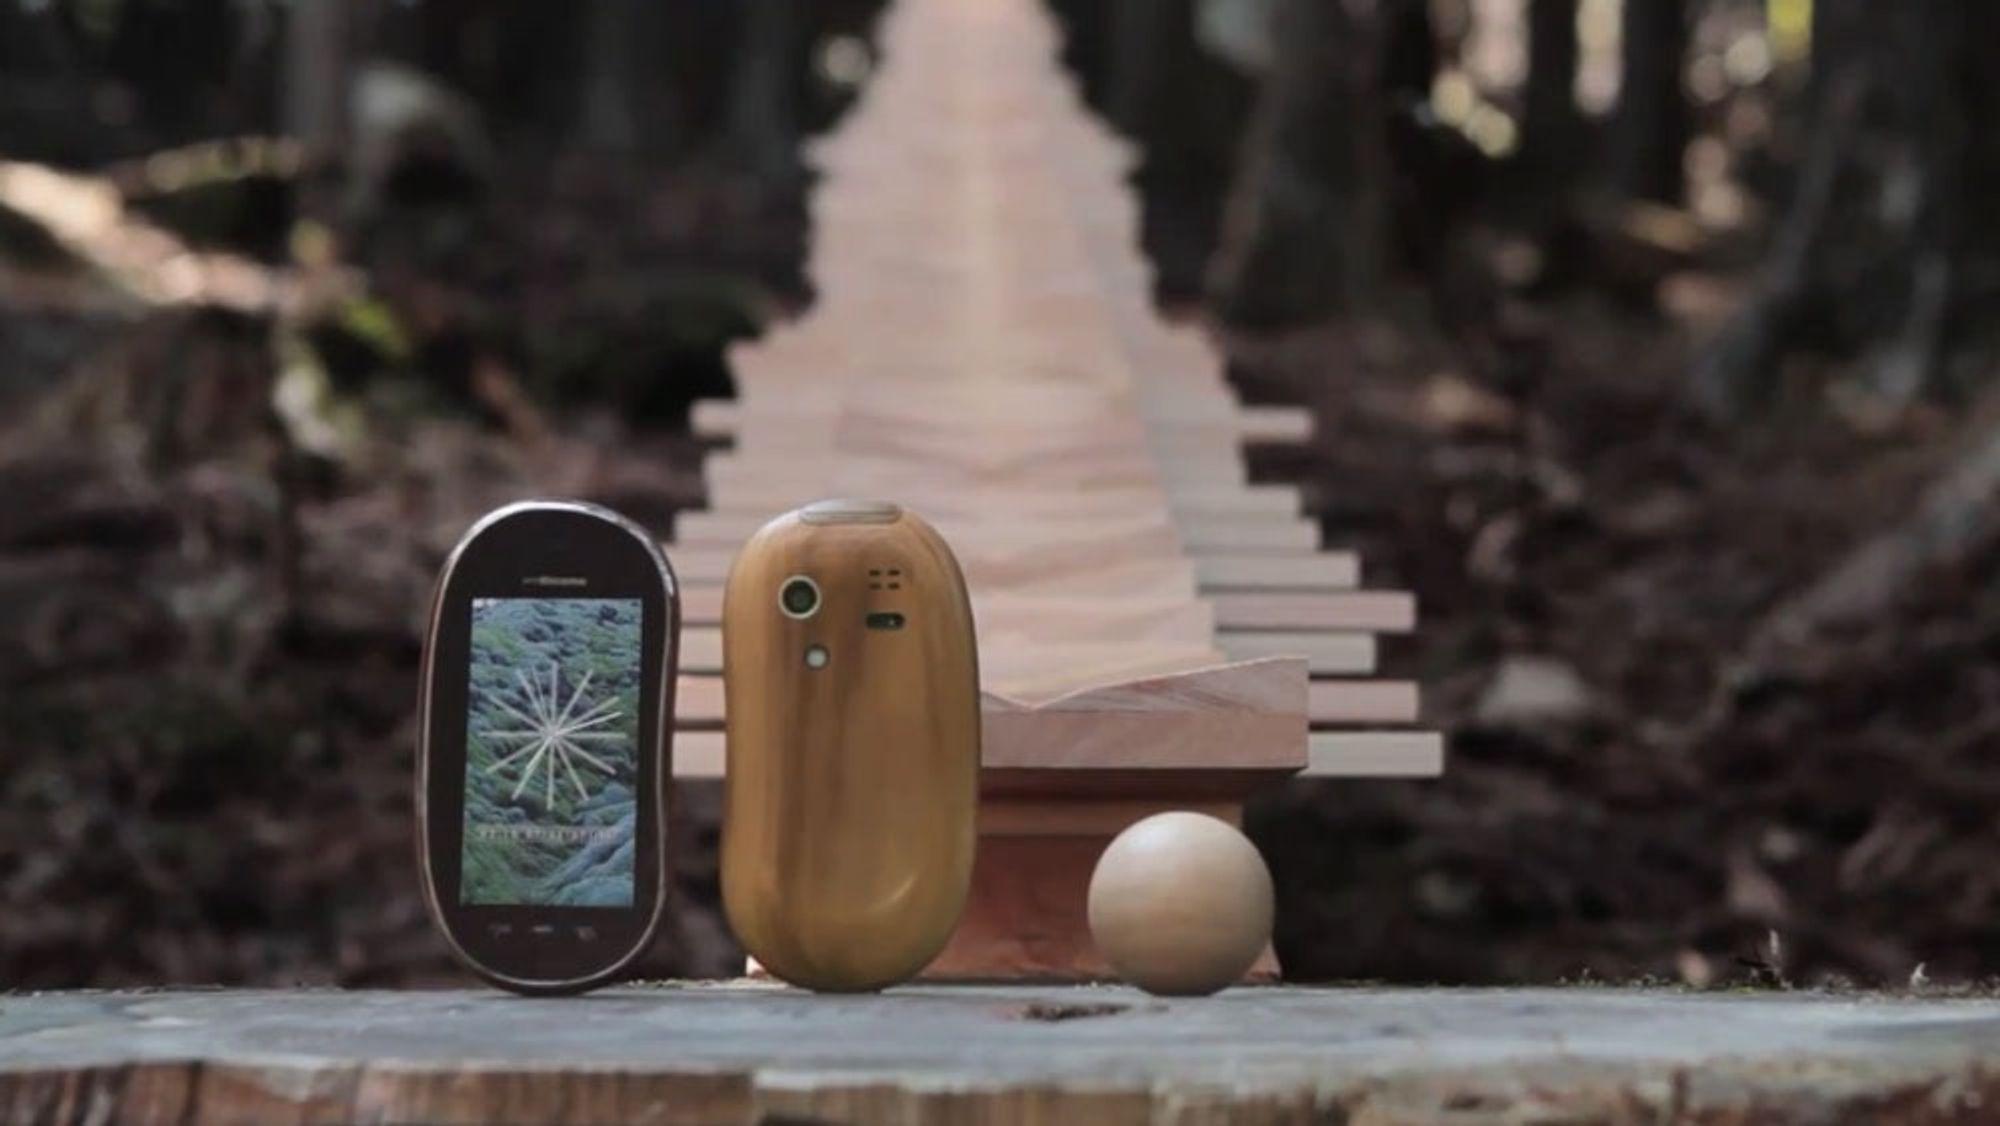 Dette er muligens den beste mobilreklamen vi har sett